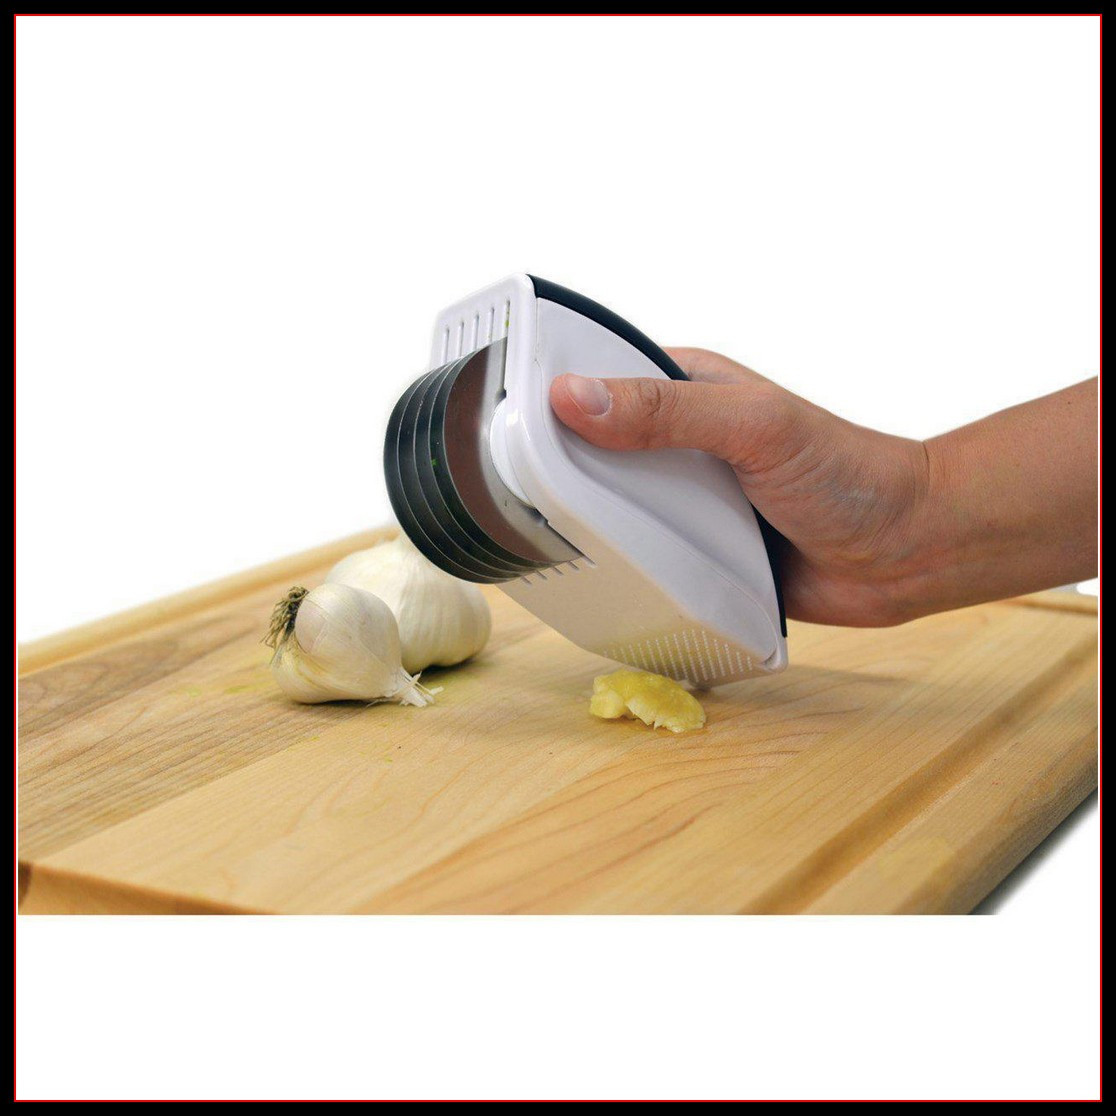 Нож для нарезки 3 в 1 Rolling mincer 6 лезвий